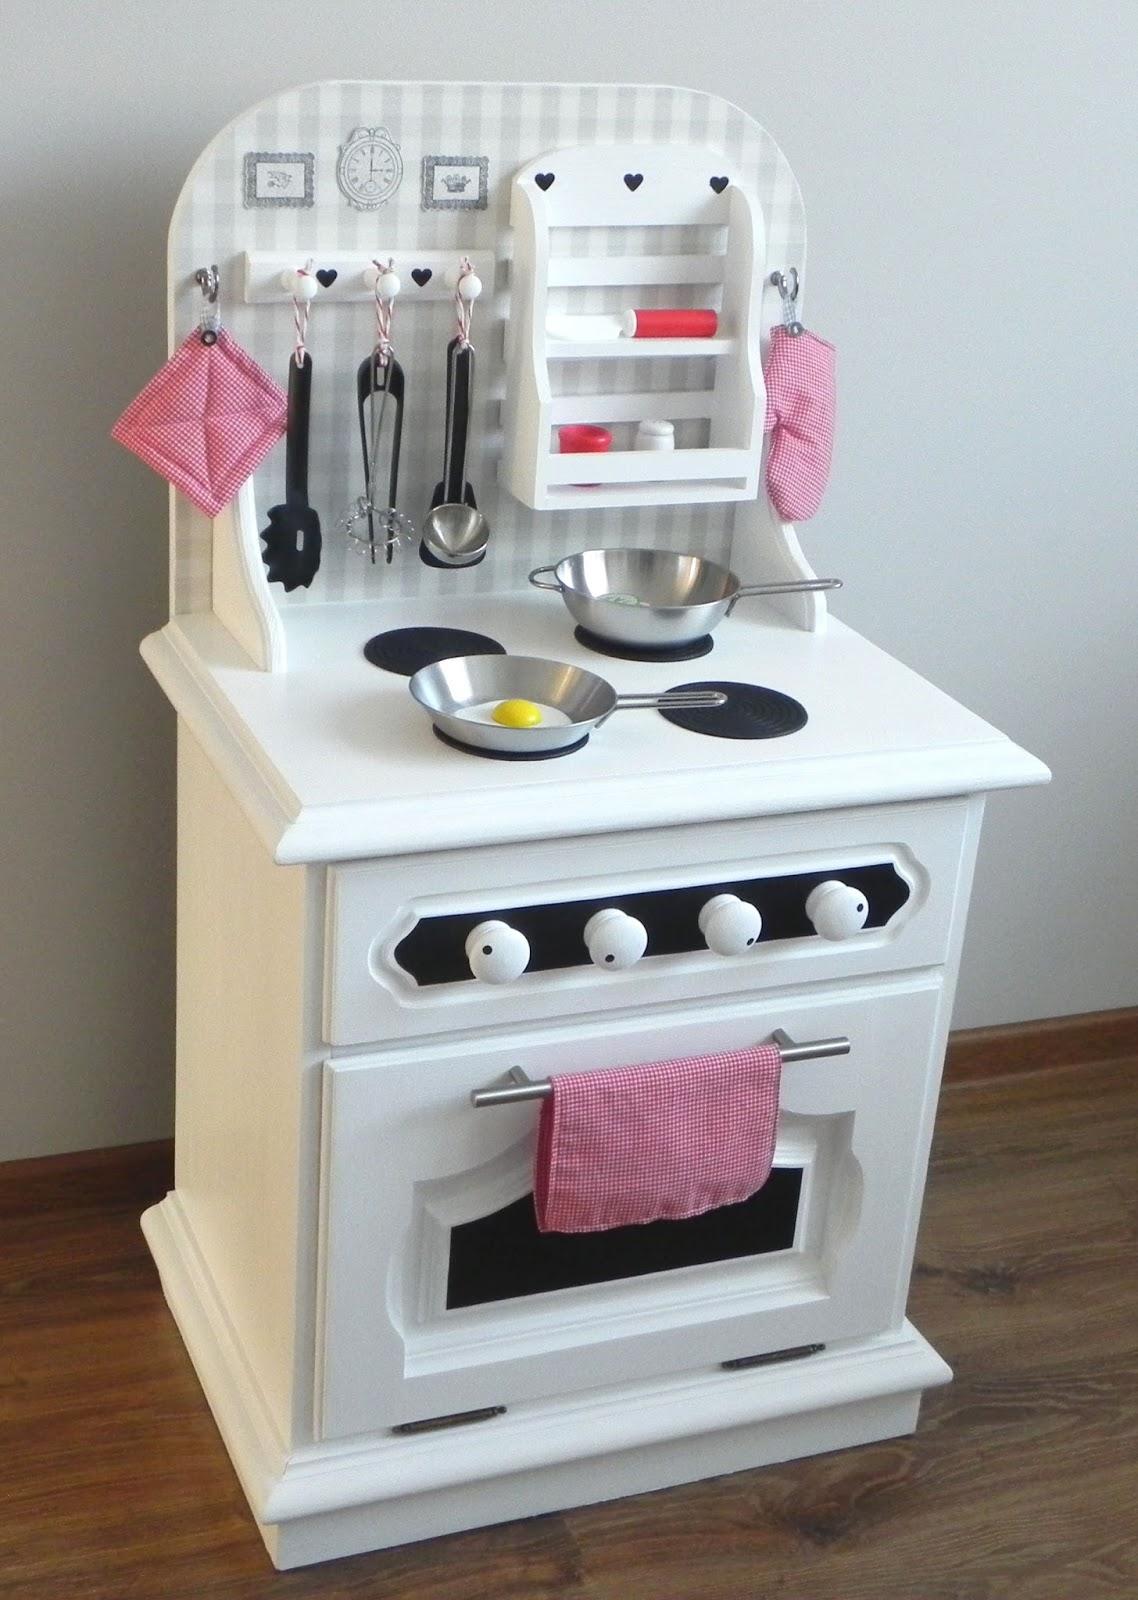 Magazyn Towarów Niemasowych Drewniana kuchnia dziecięca DIY -> Kuchnia Dla Dziecka Z Szafki